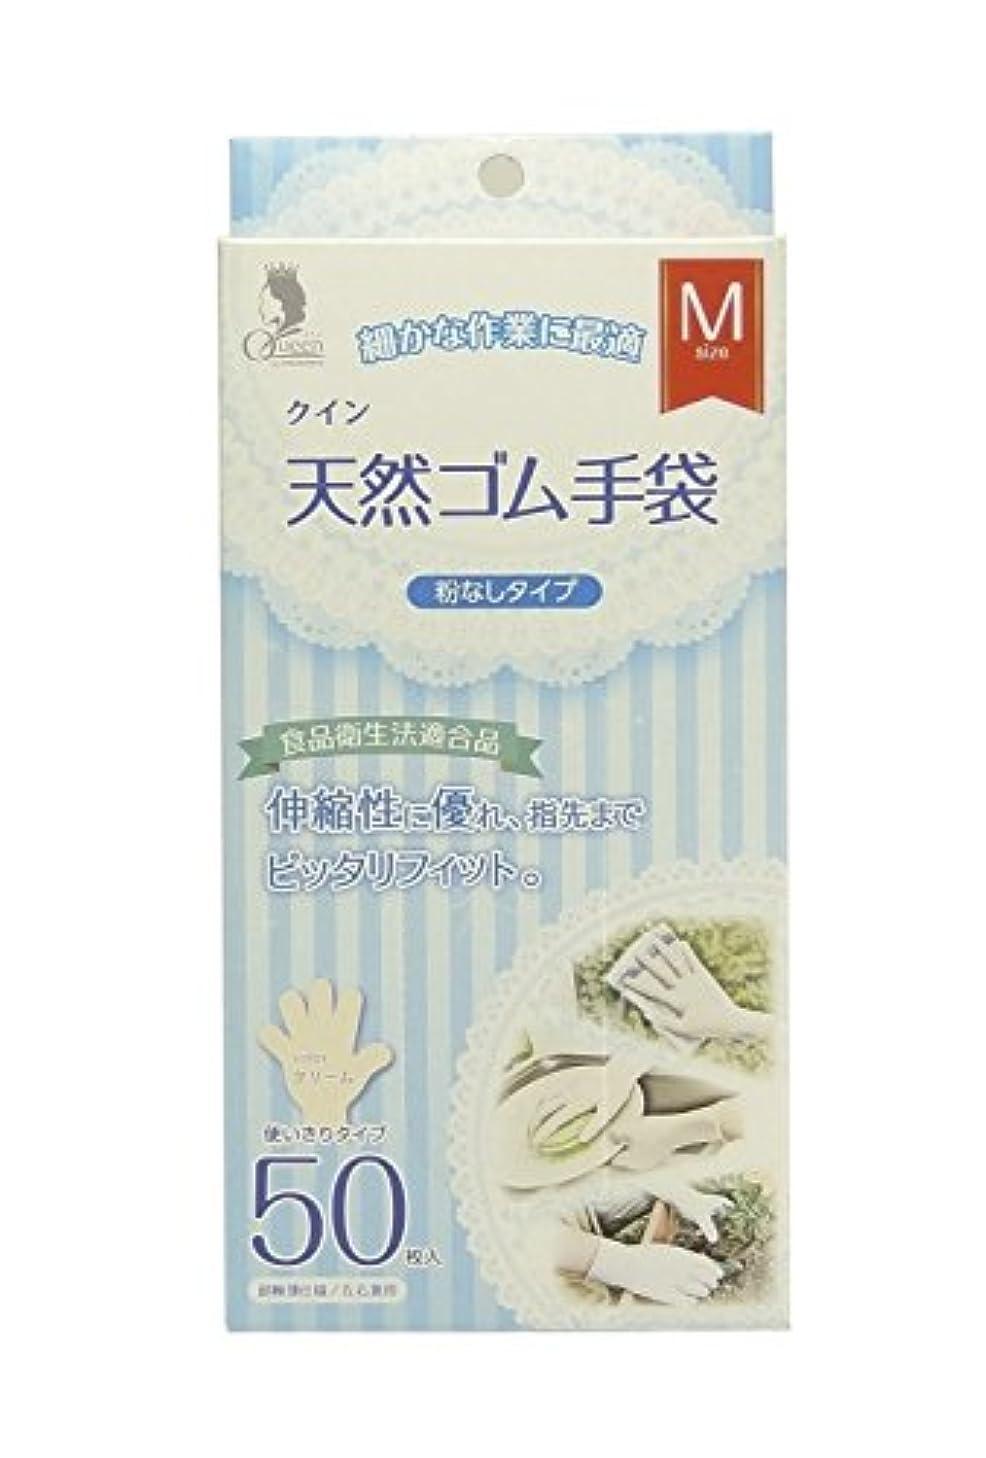 基本的なインカ帝国がっかりする宇都宮製作 クイン 天然ゴム手袋(パウダーフリー) M 50枚